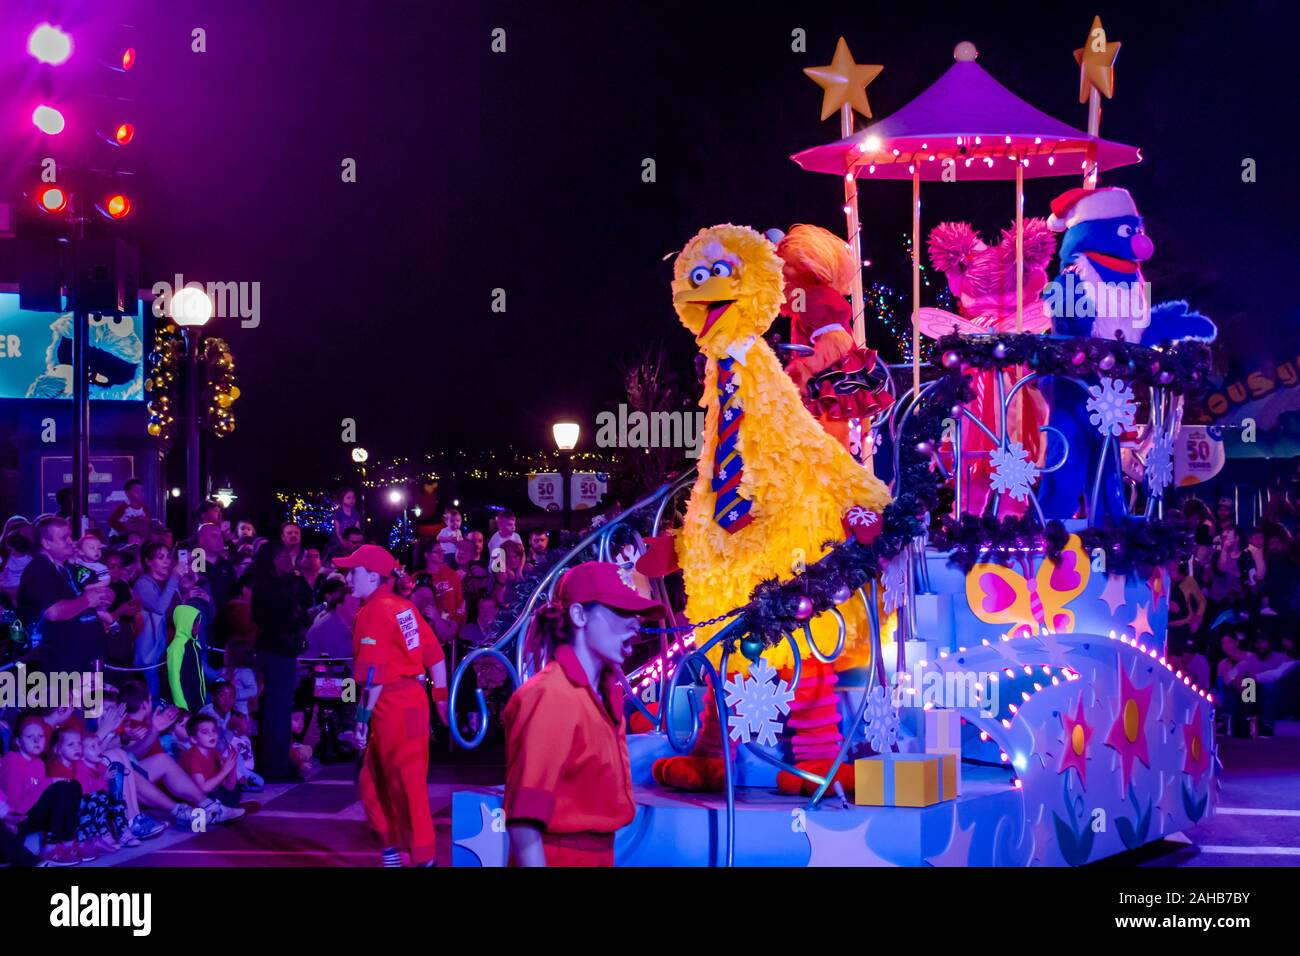 Grover Christmas Parade 2020 Orlando, Florida . December 21, 2019. Big Bird and Grover in